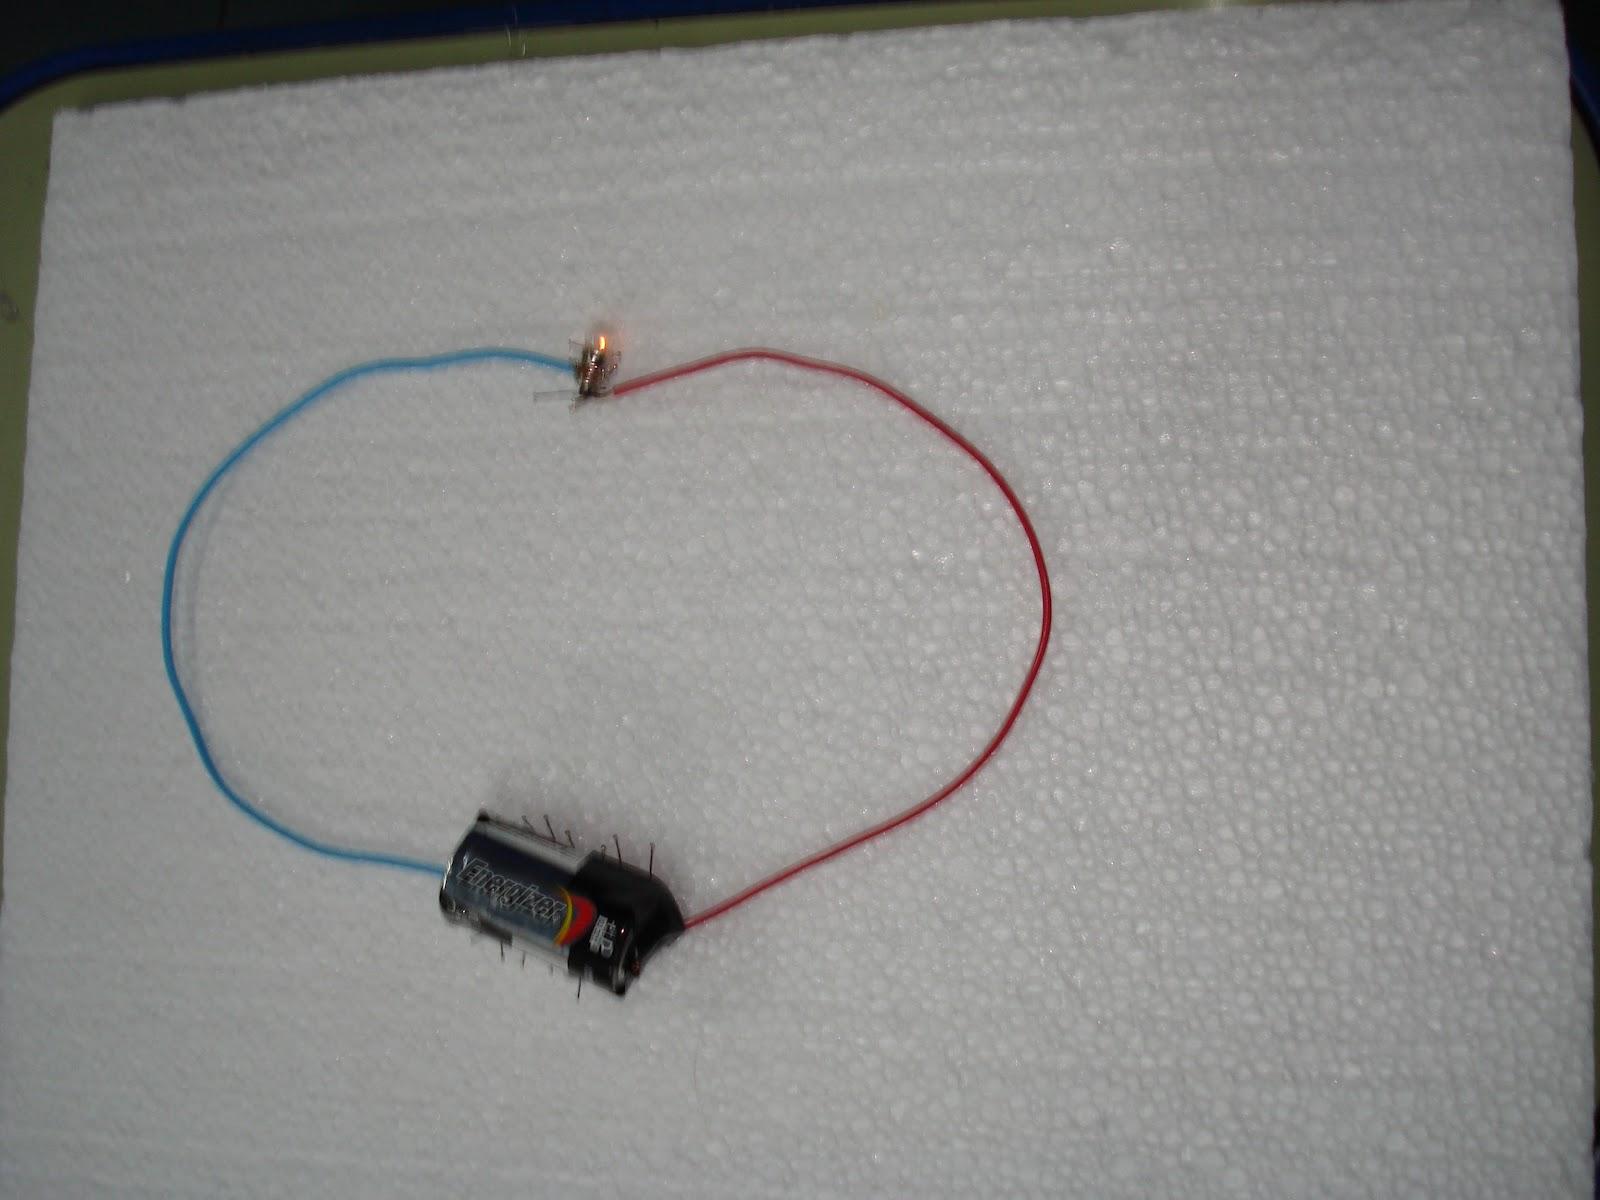 Circuito Sencillo : El blog del eyelen: circuito eléctrico sencillo de 4º grado